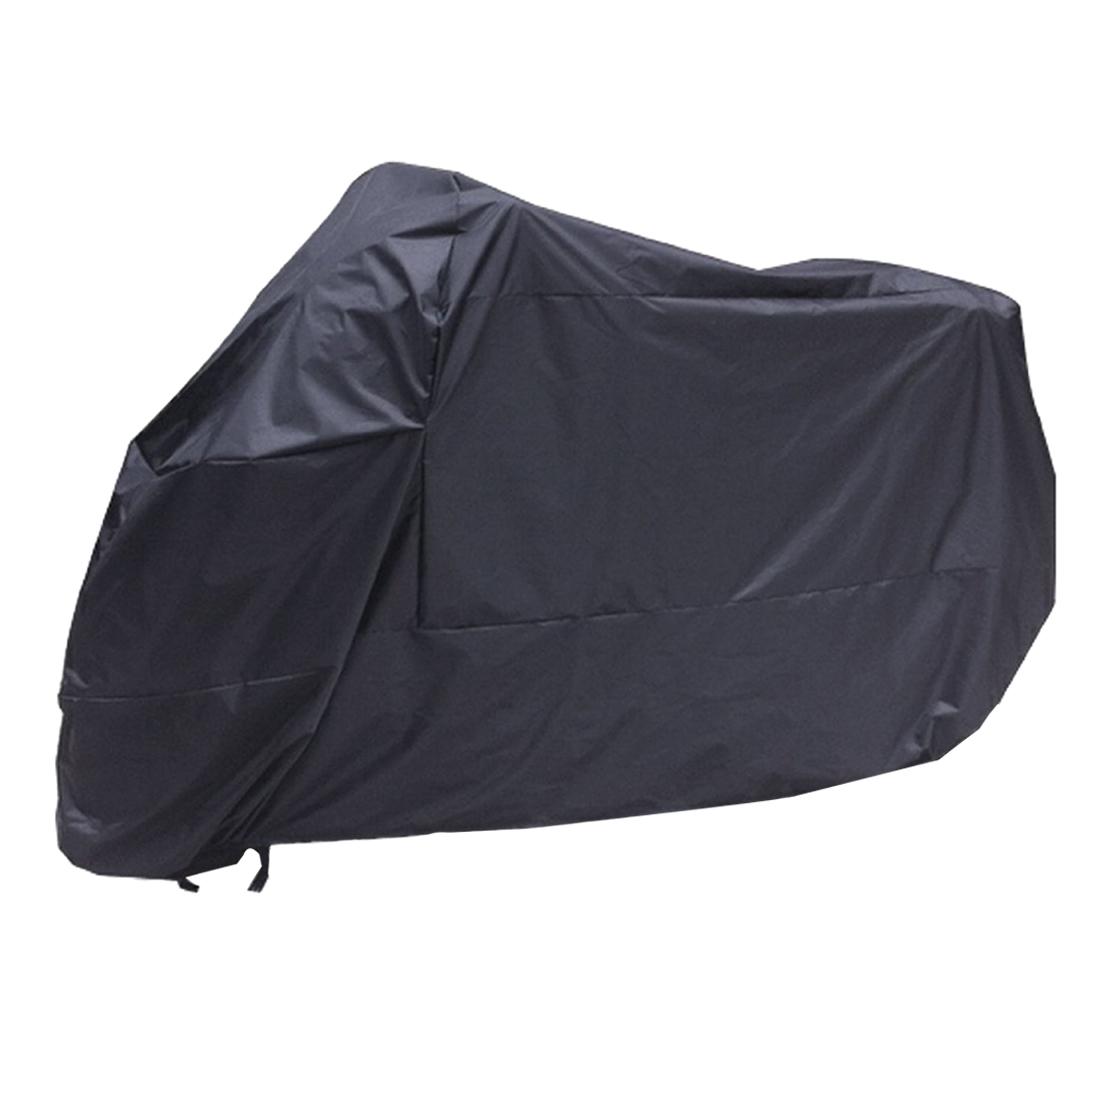 [해외]블랙 오토바이 오토바이 방수 물 저항하는 비 자외선 통기성 커버 야외 실내화물 가방/Black Motorcycle Motorbike Waterproof Water Resistent Rain UV Protective Breathable Cover Outdoor I